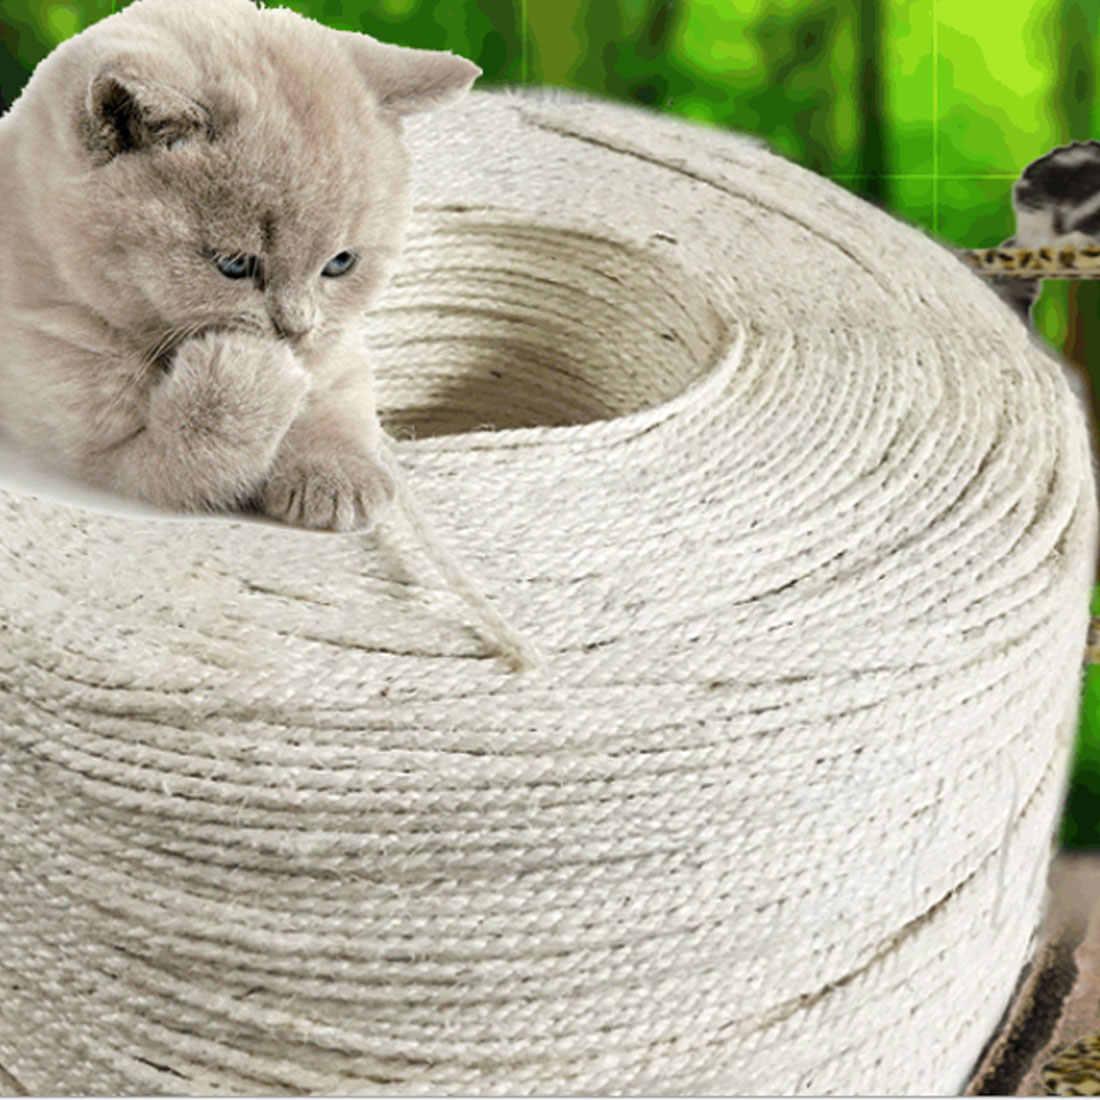 1M 3M 5M 10M koci plac zabaw linka sizalowa dla kotów drapanie zabawki kot wyostrzyć pazur Making biurko nogi wiążące liny